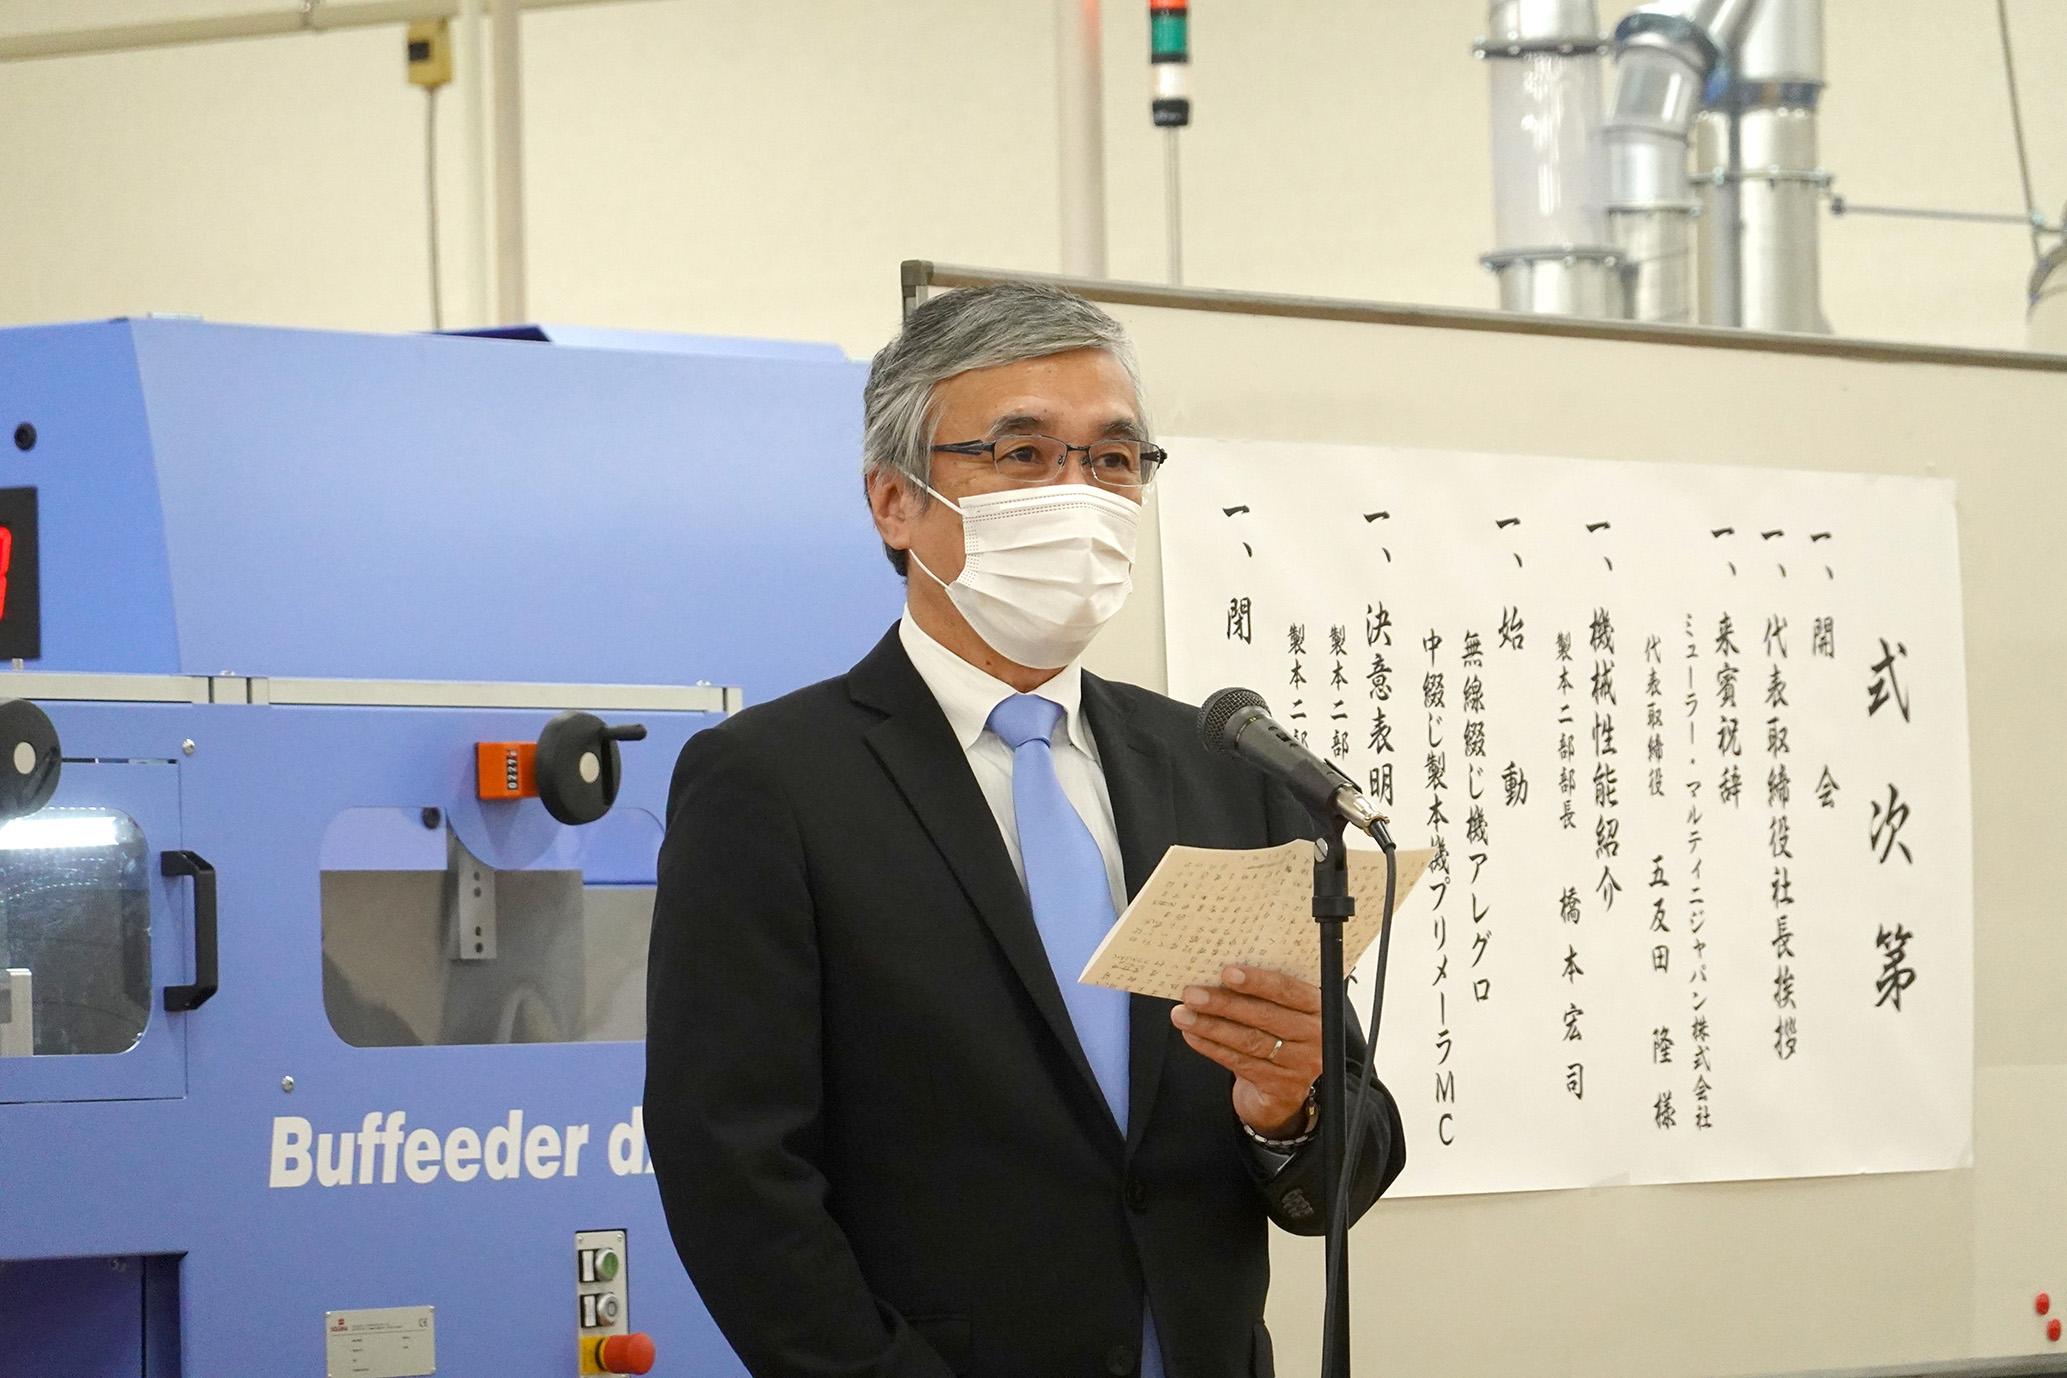 ミューラー・マルティニジャパン㈱の五反田代表取締役専務